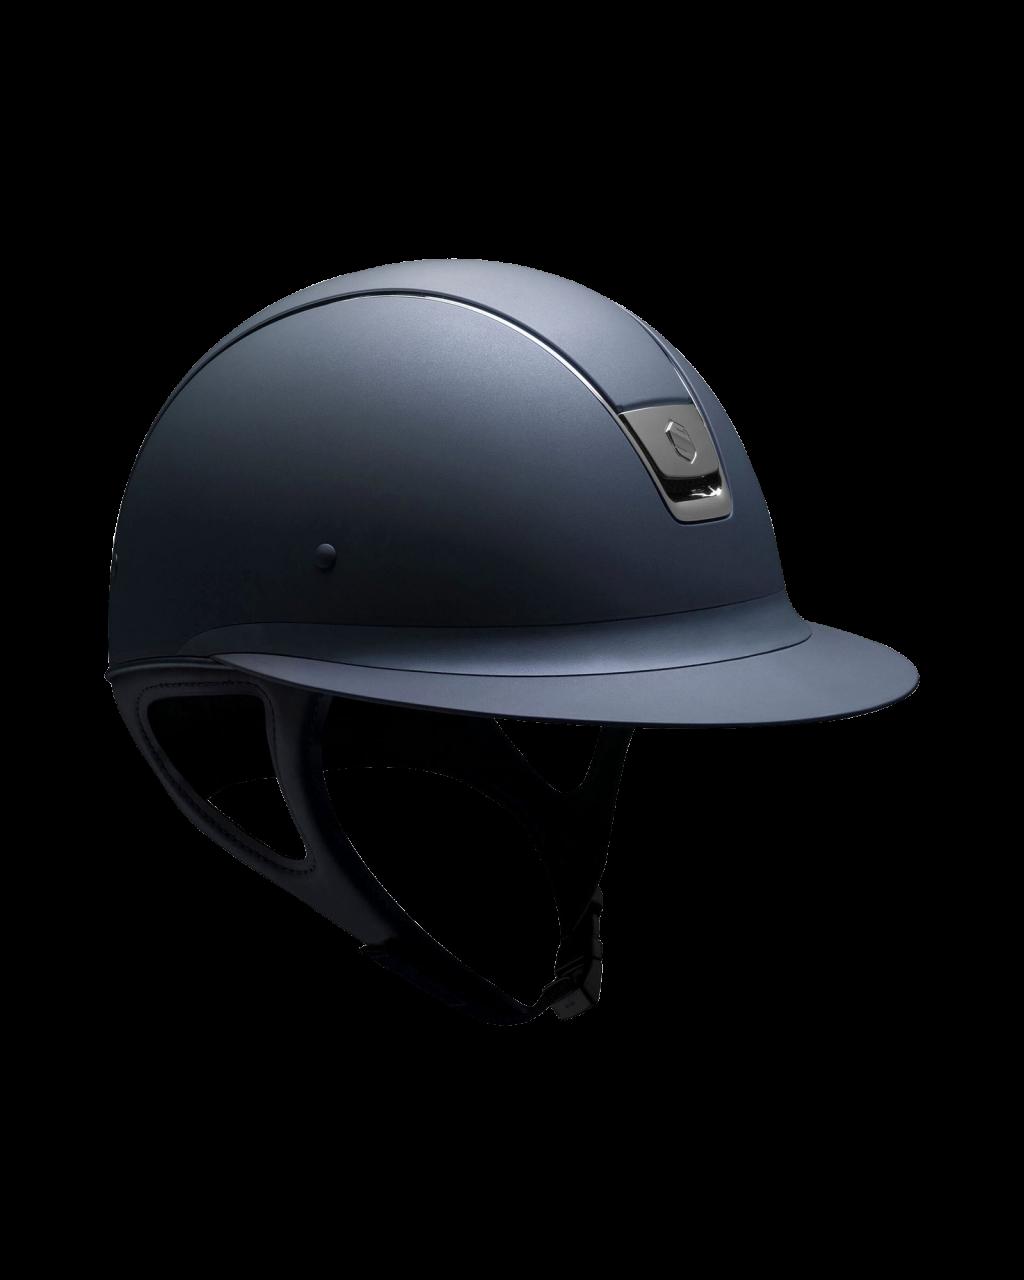 samshield-reithelm-miss-shield-shadowmatt-blau_1280x1280